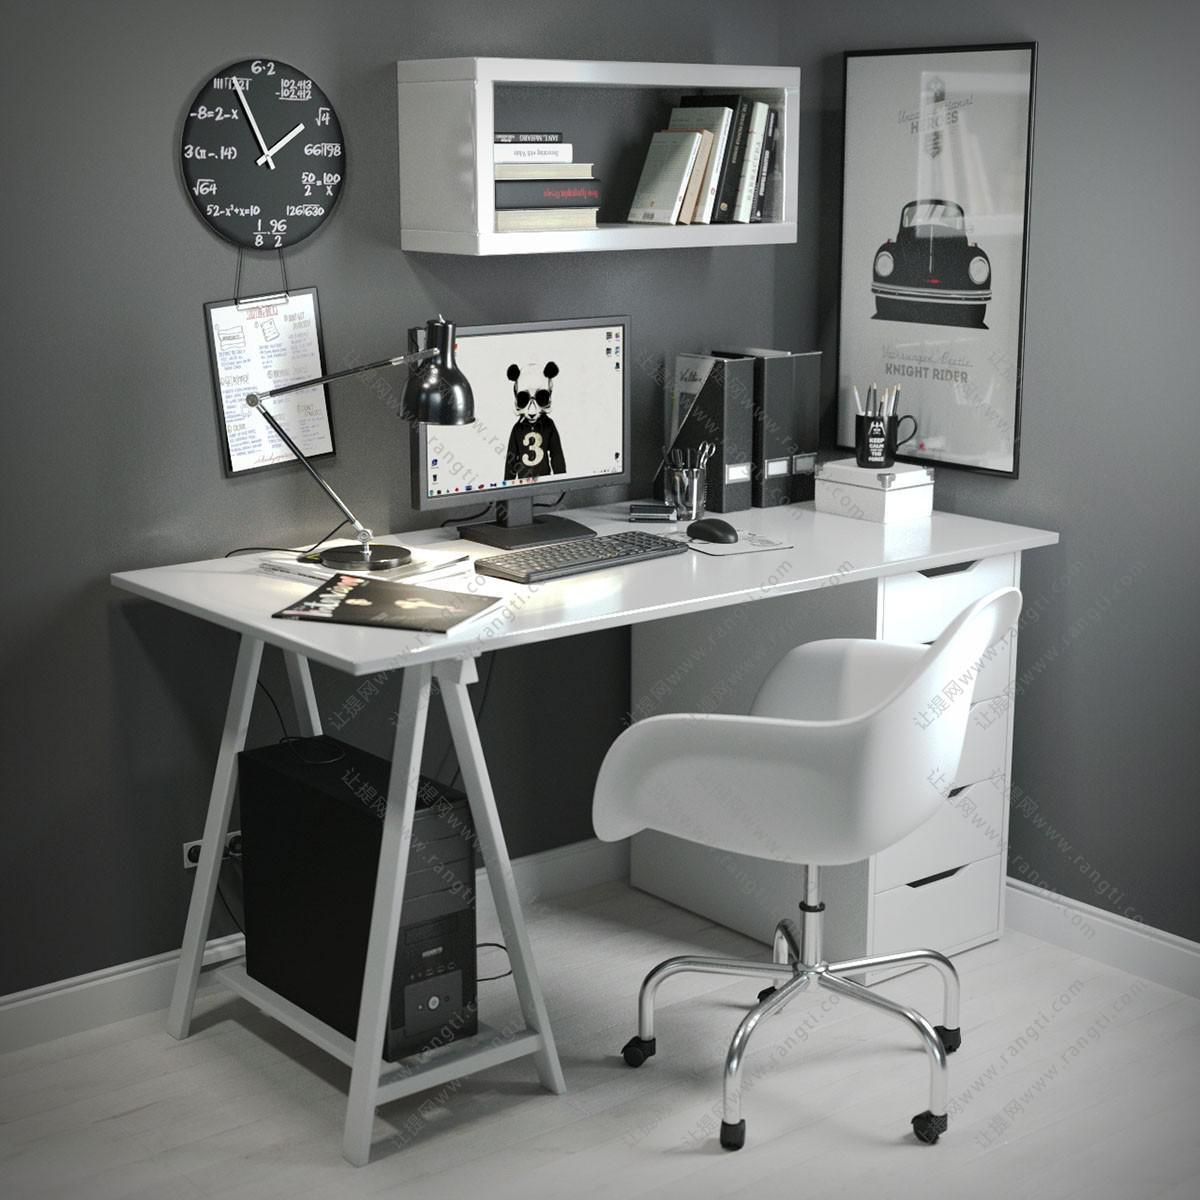 现代电脑书桌椅、转椅、台灯组合3D模型